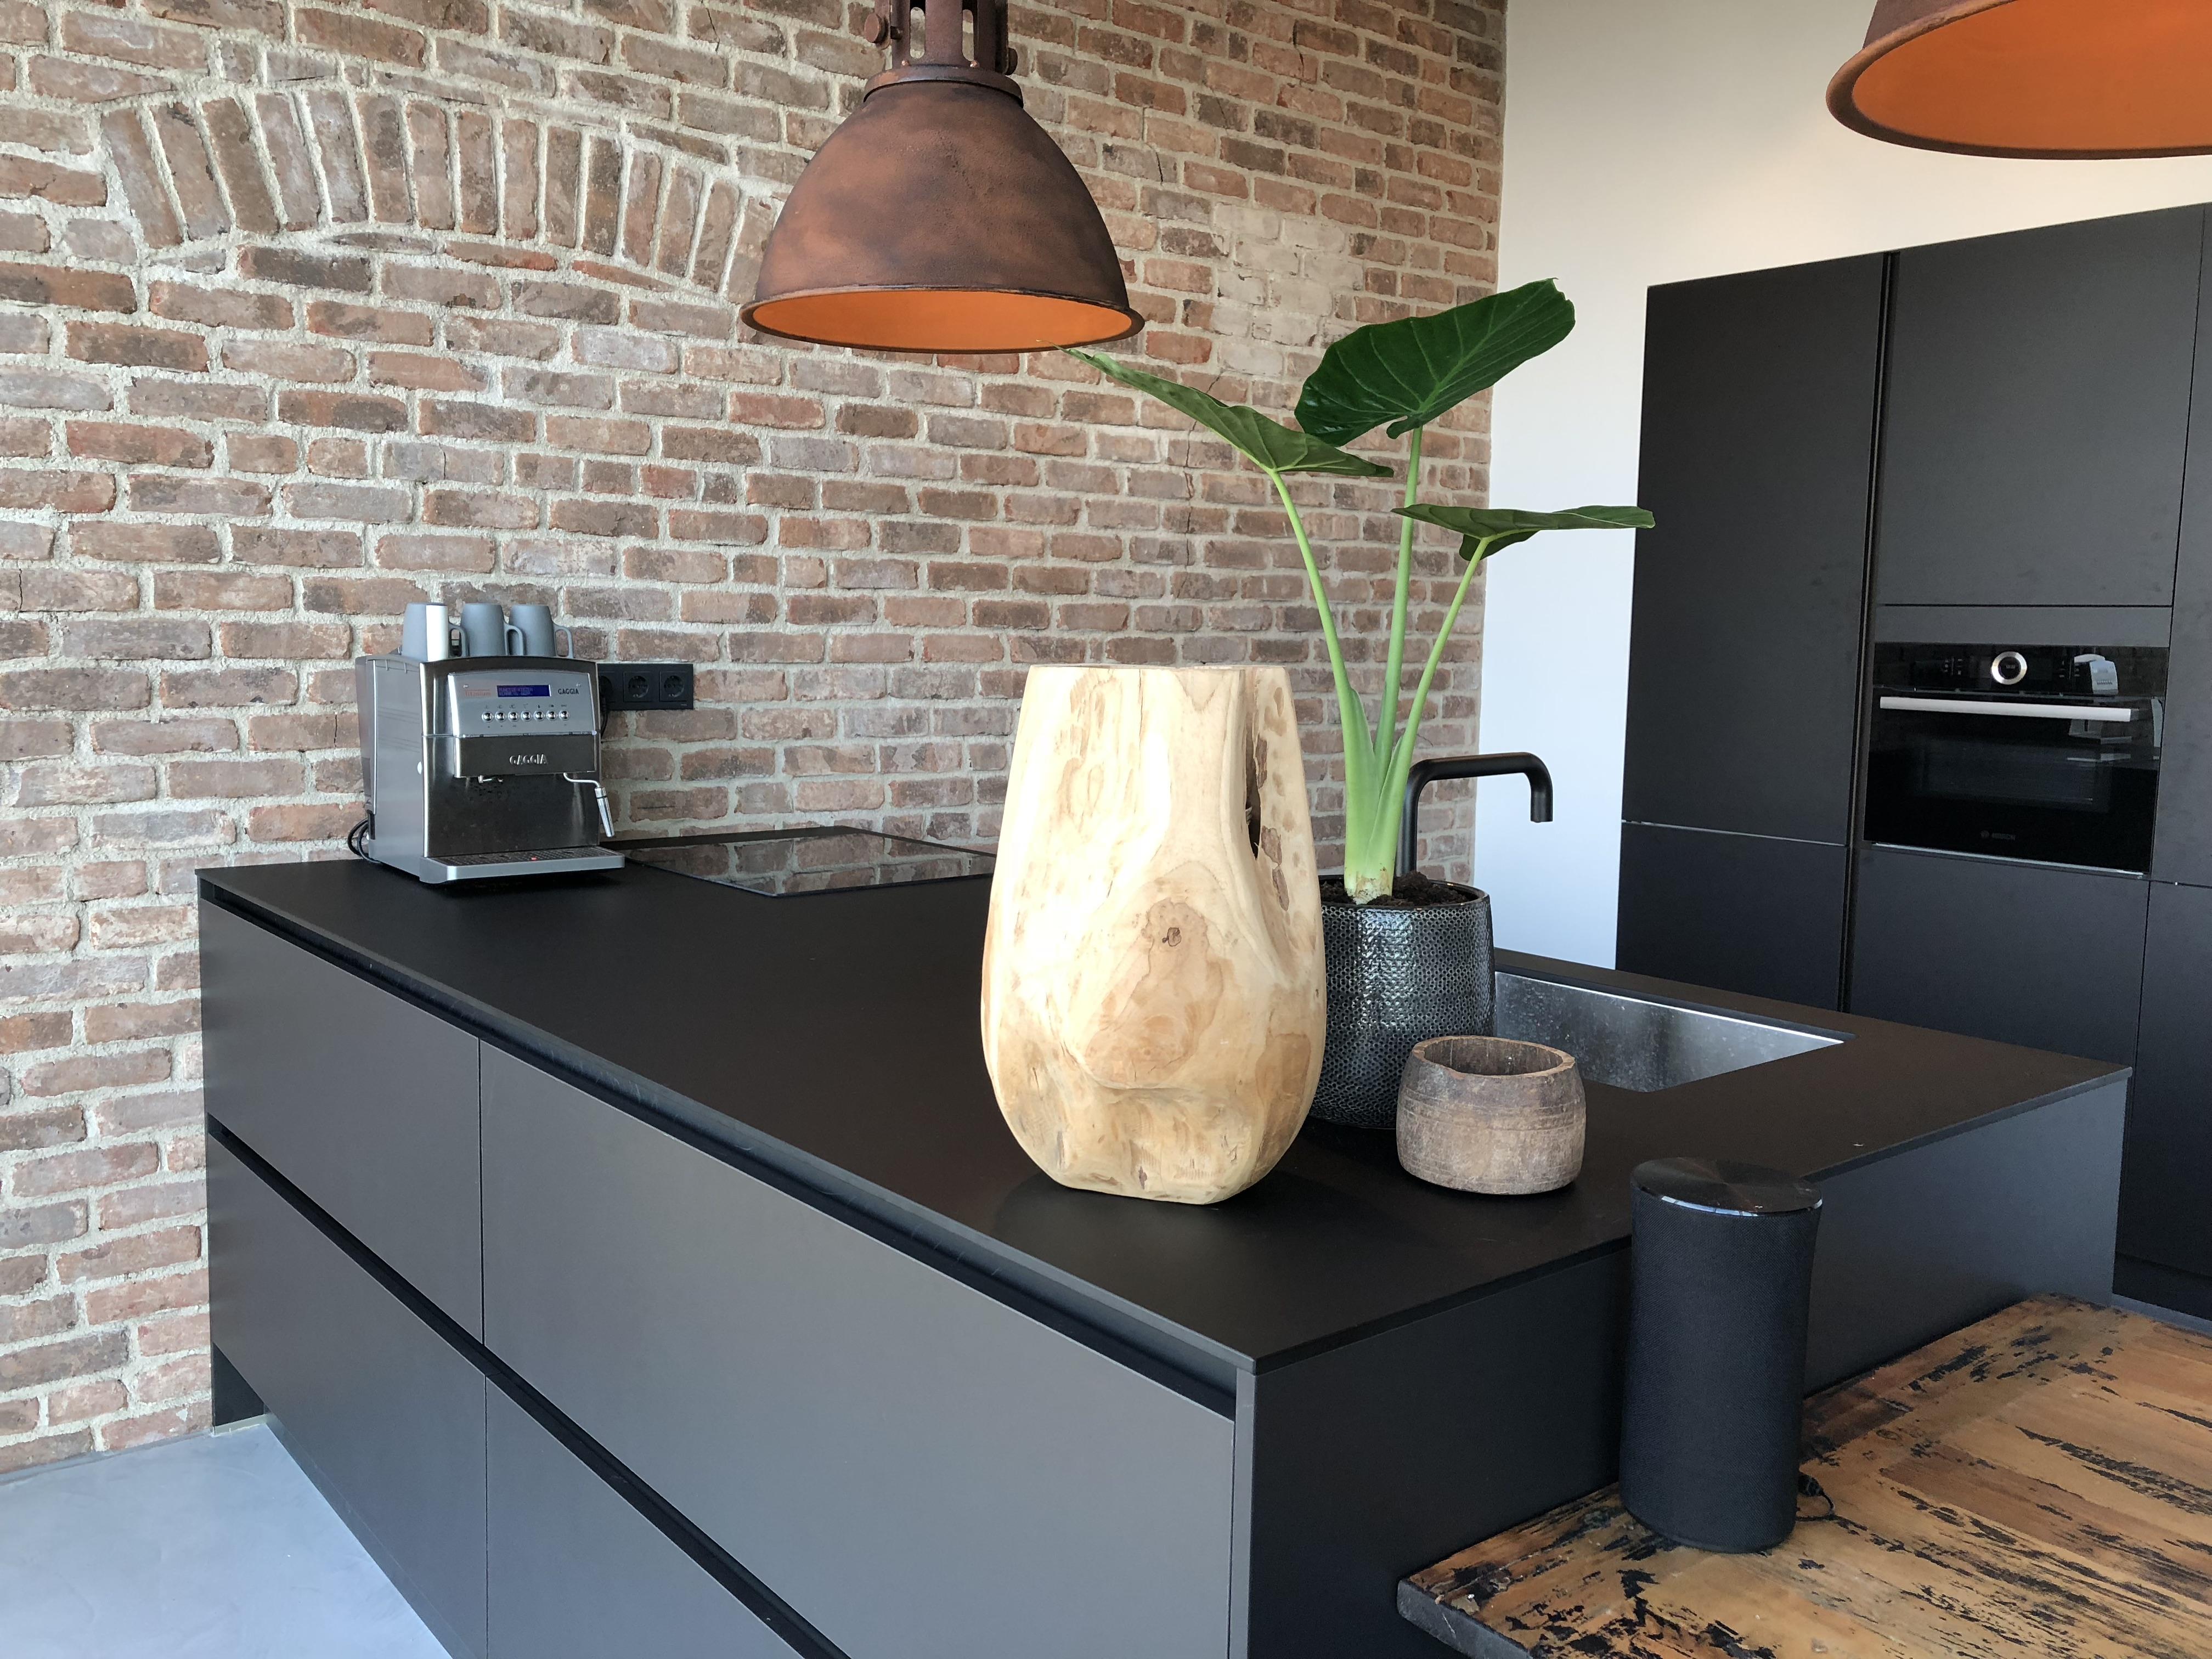 Morestyling Zwarte Keuken Hoofdkwartier